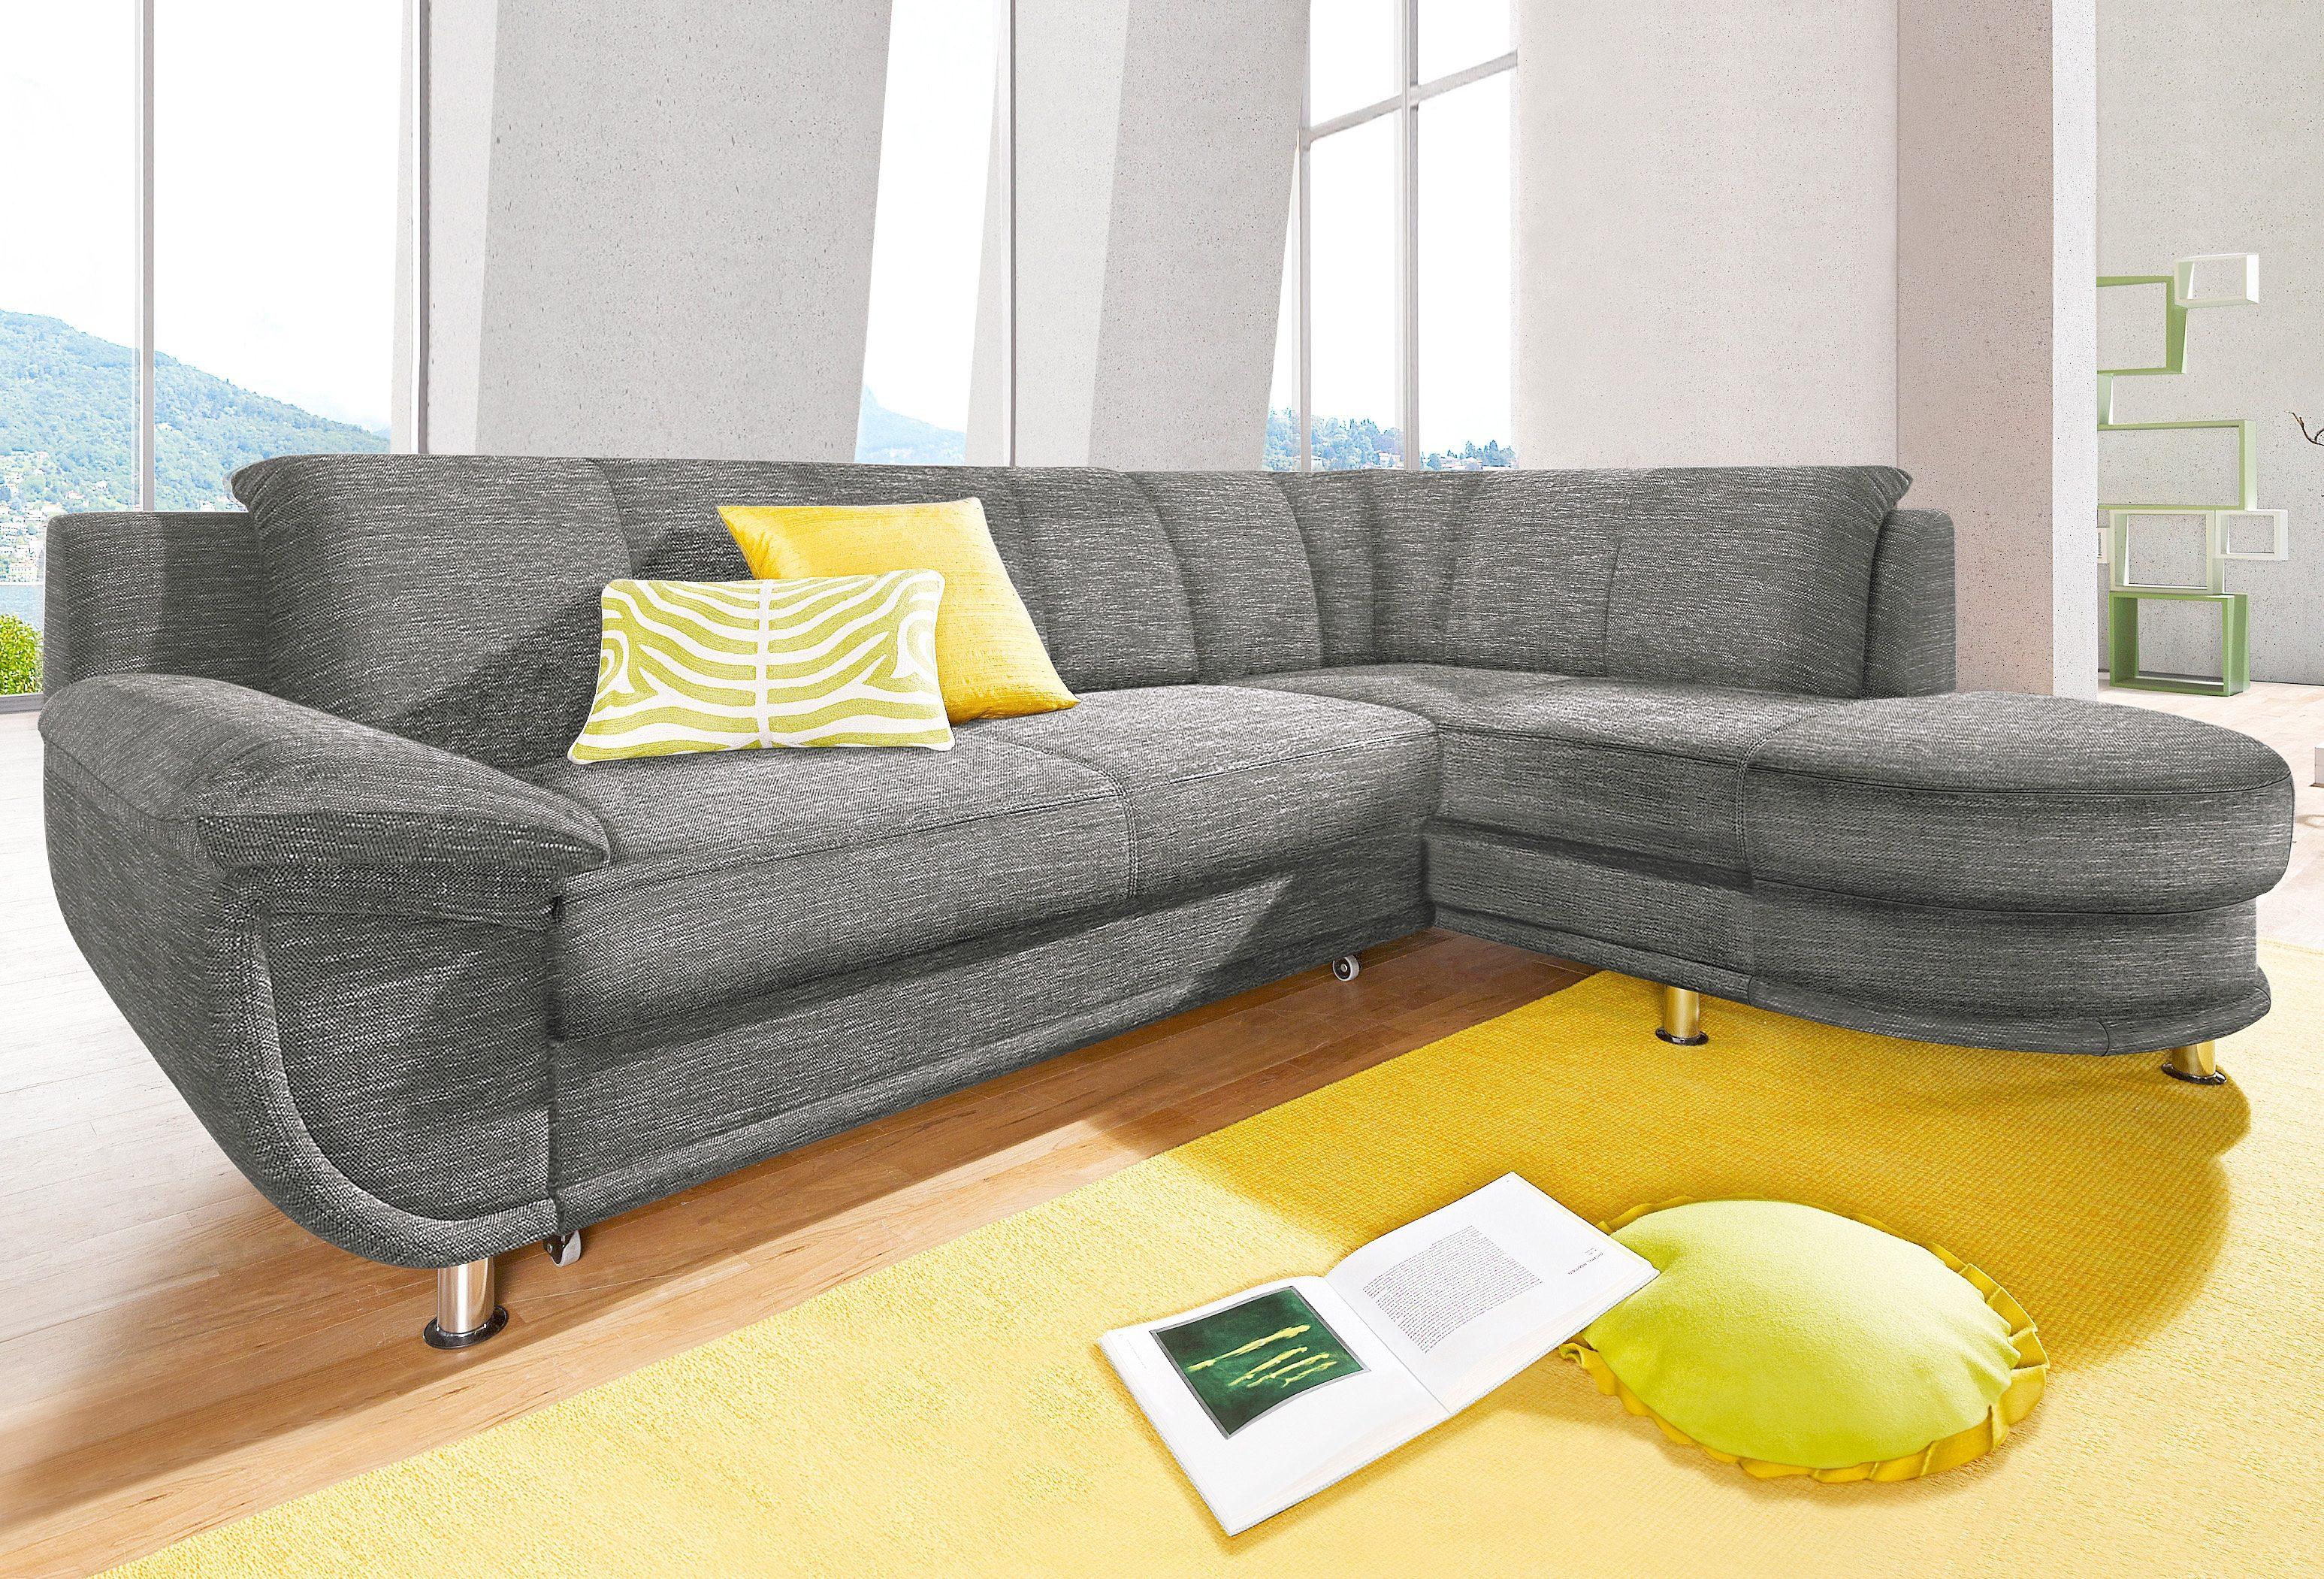 Ecksofa | Wohnzimmer > Sofas & Couches > Ecksofas & Eckcouches | Grau | Strukturstoff - Kunstleder